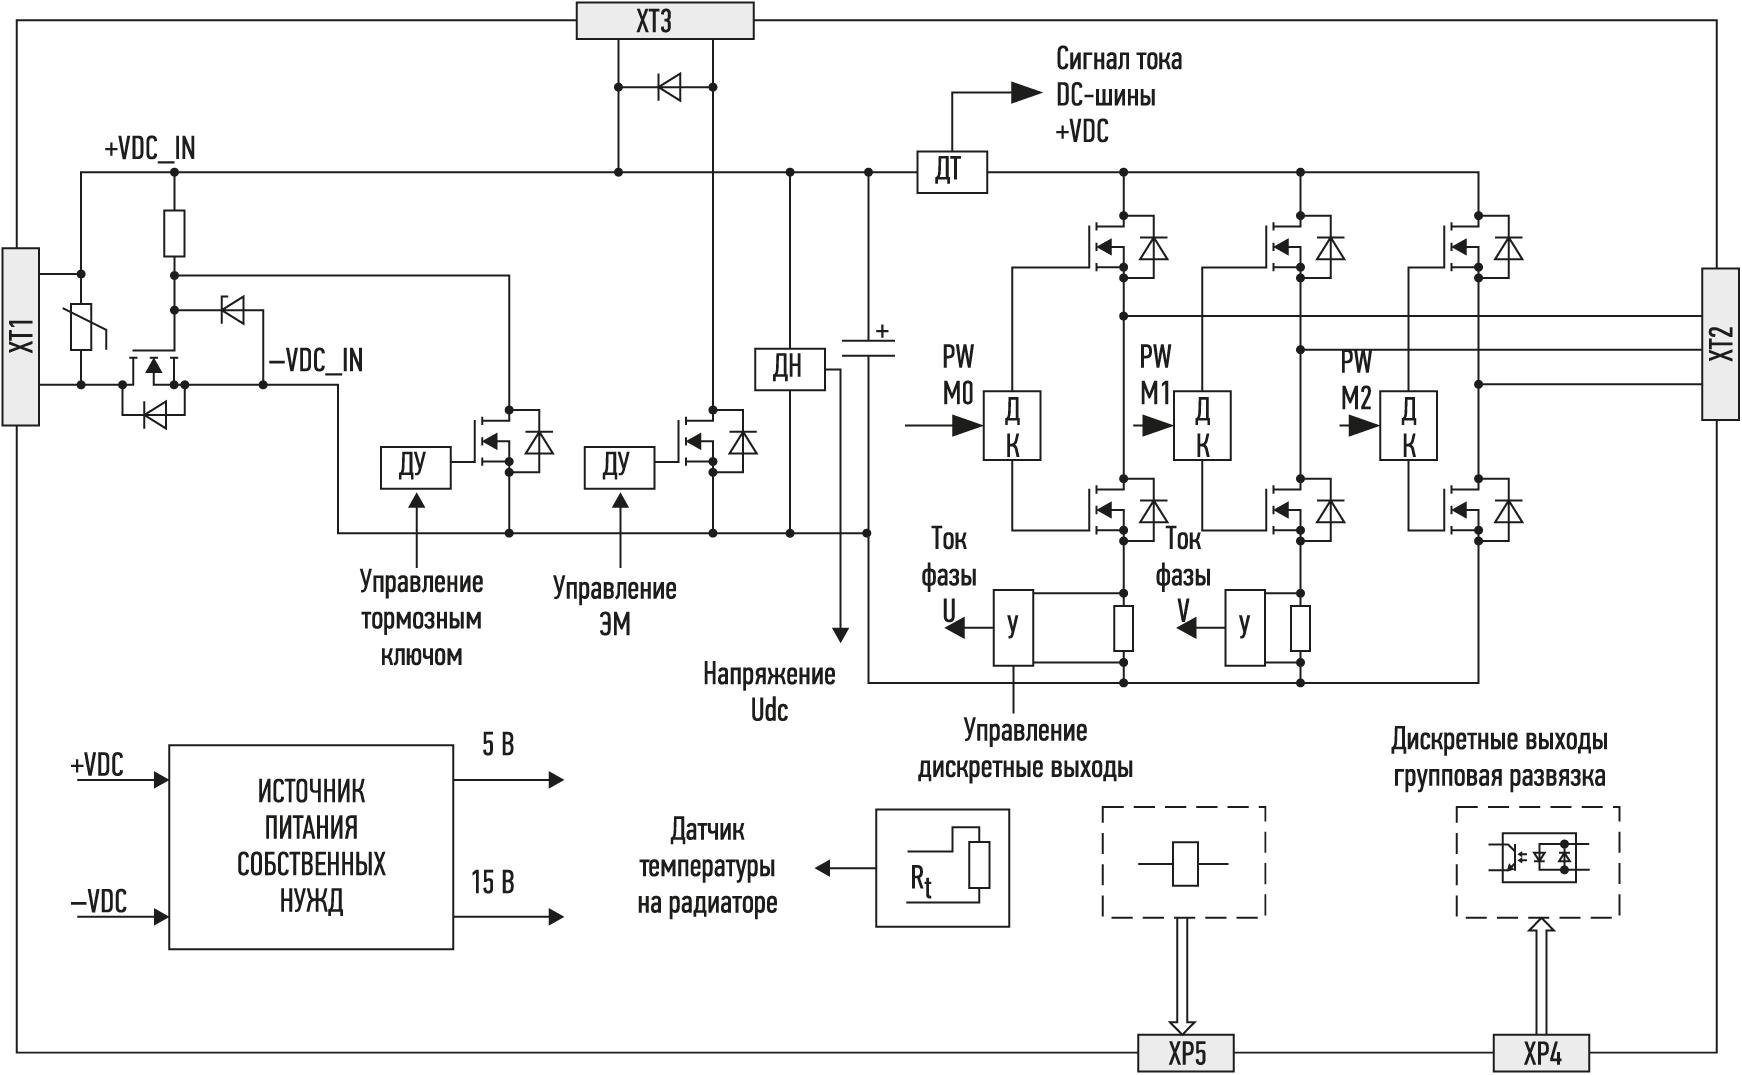 Функциональная схема силовой платы сервоконтроллера